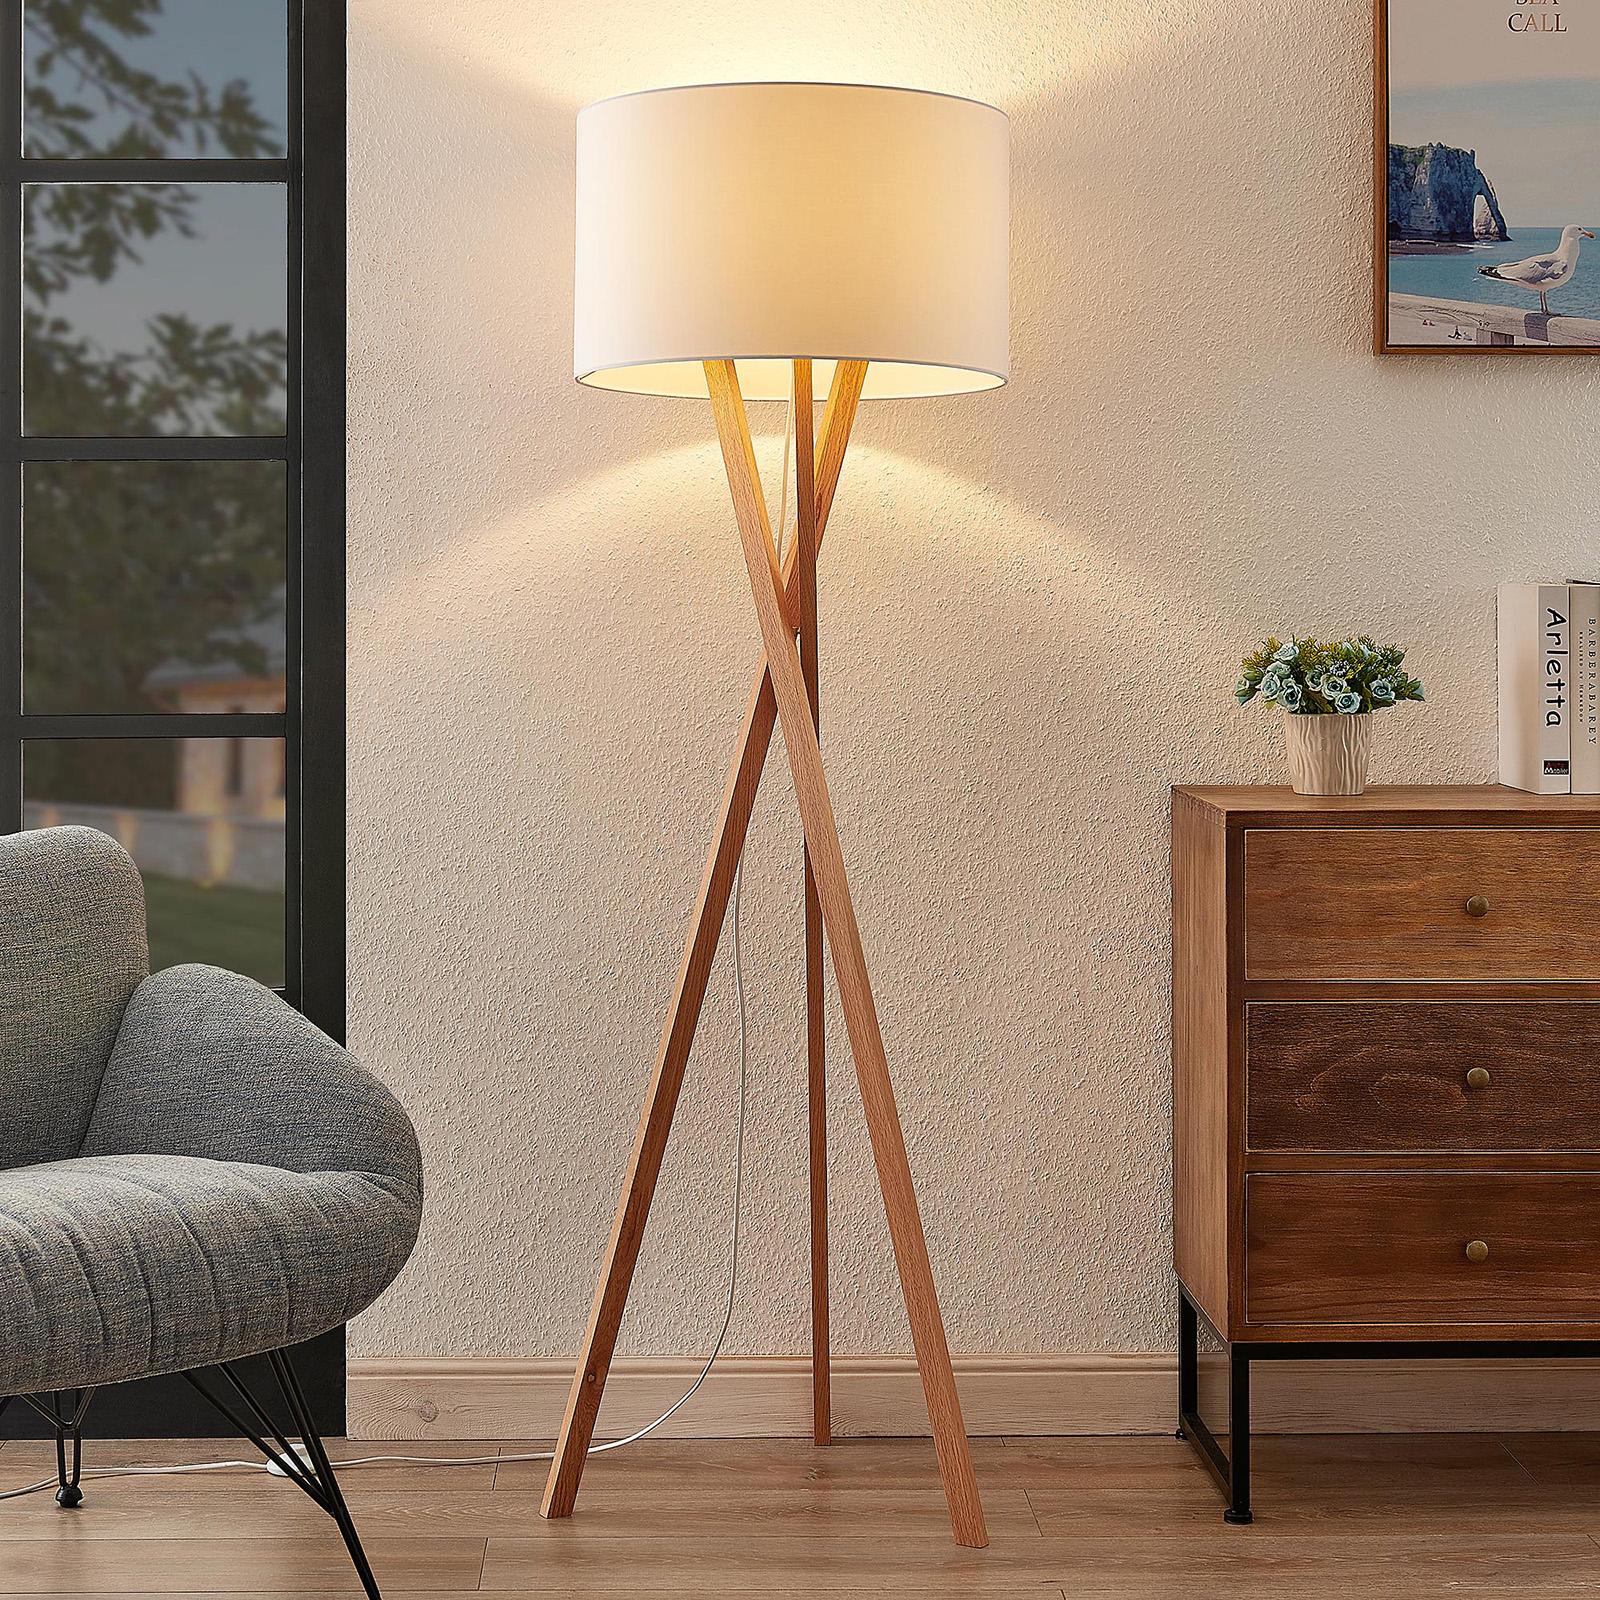 Lucande Auriane Tripod-Stehlampe, Stoff weiß